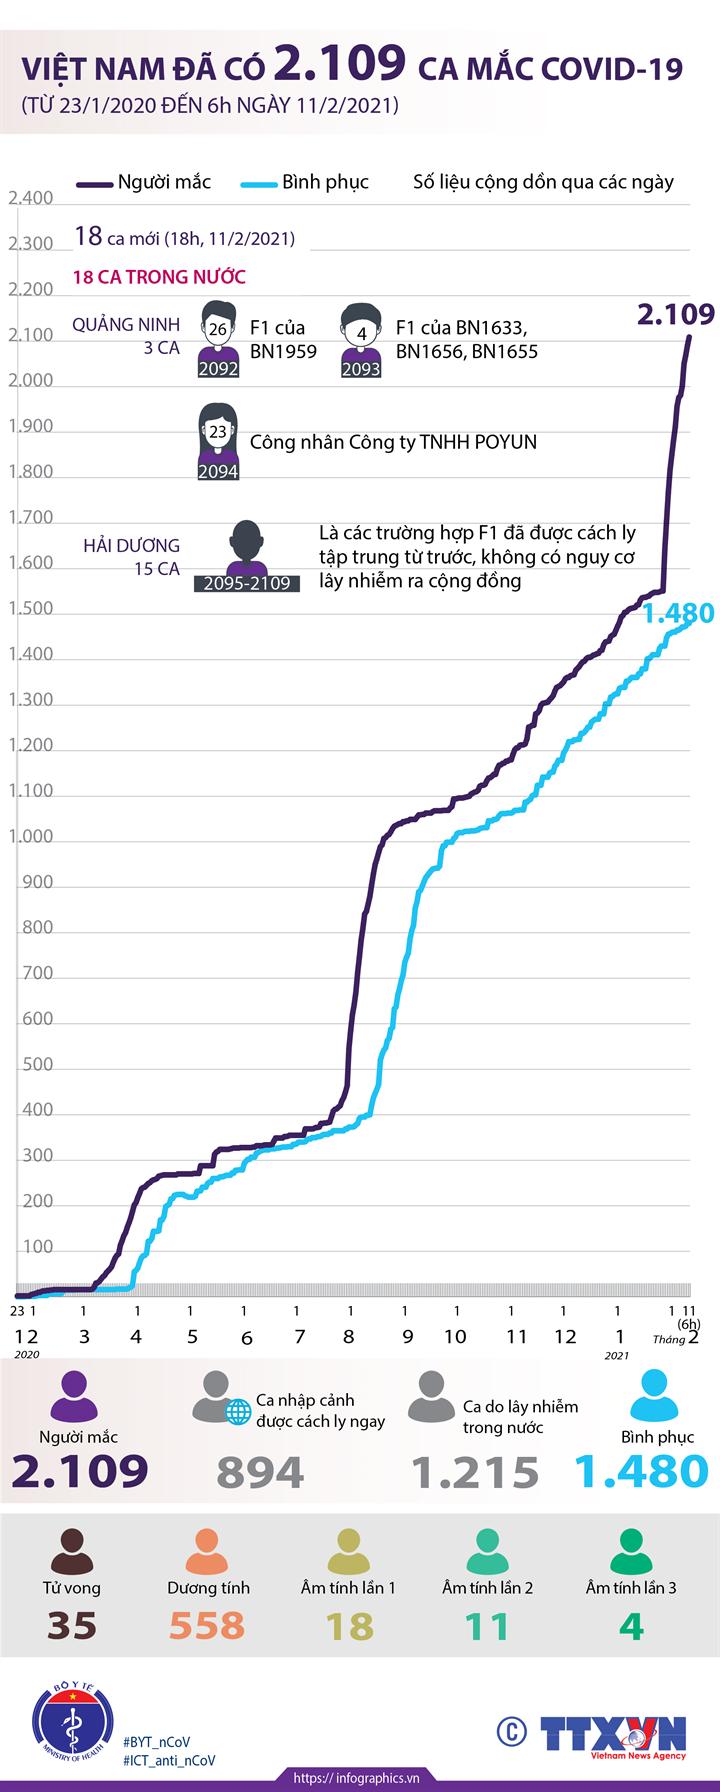 Việt Nam đã có 2.109 ca mắc COVID-19 (từ 23/1/2020 đến 6h ngày 11/2/2021)